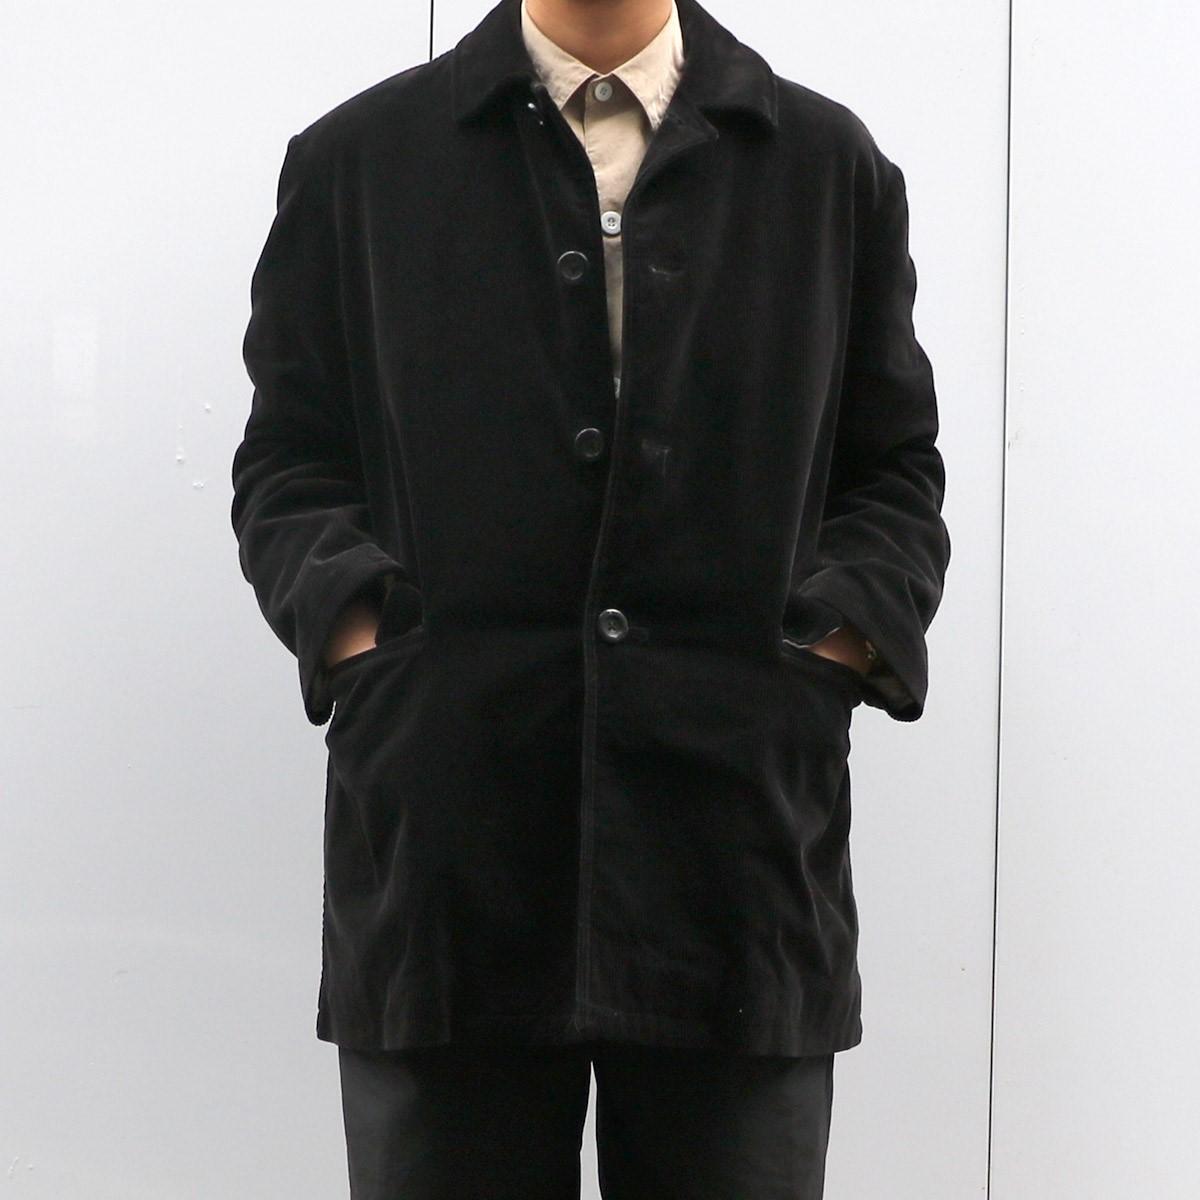 【中古】SALABA STANDARD CORDUROY JACKETコーデュロイボタンジャケット ブラック サイズ:L 【181219】(サラバ)